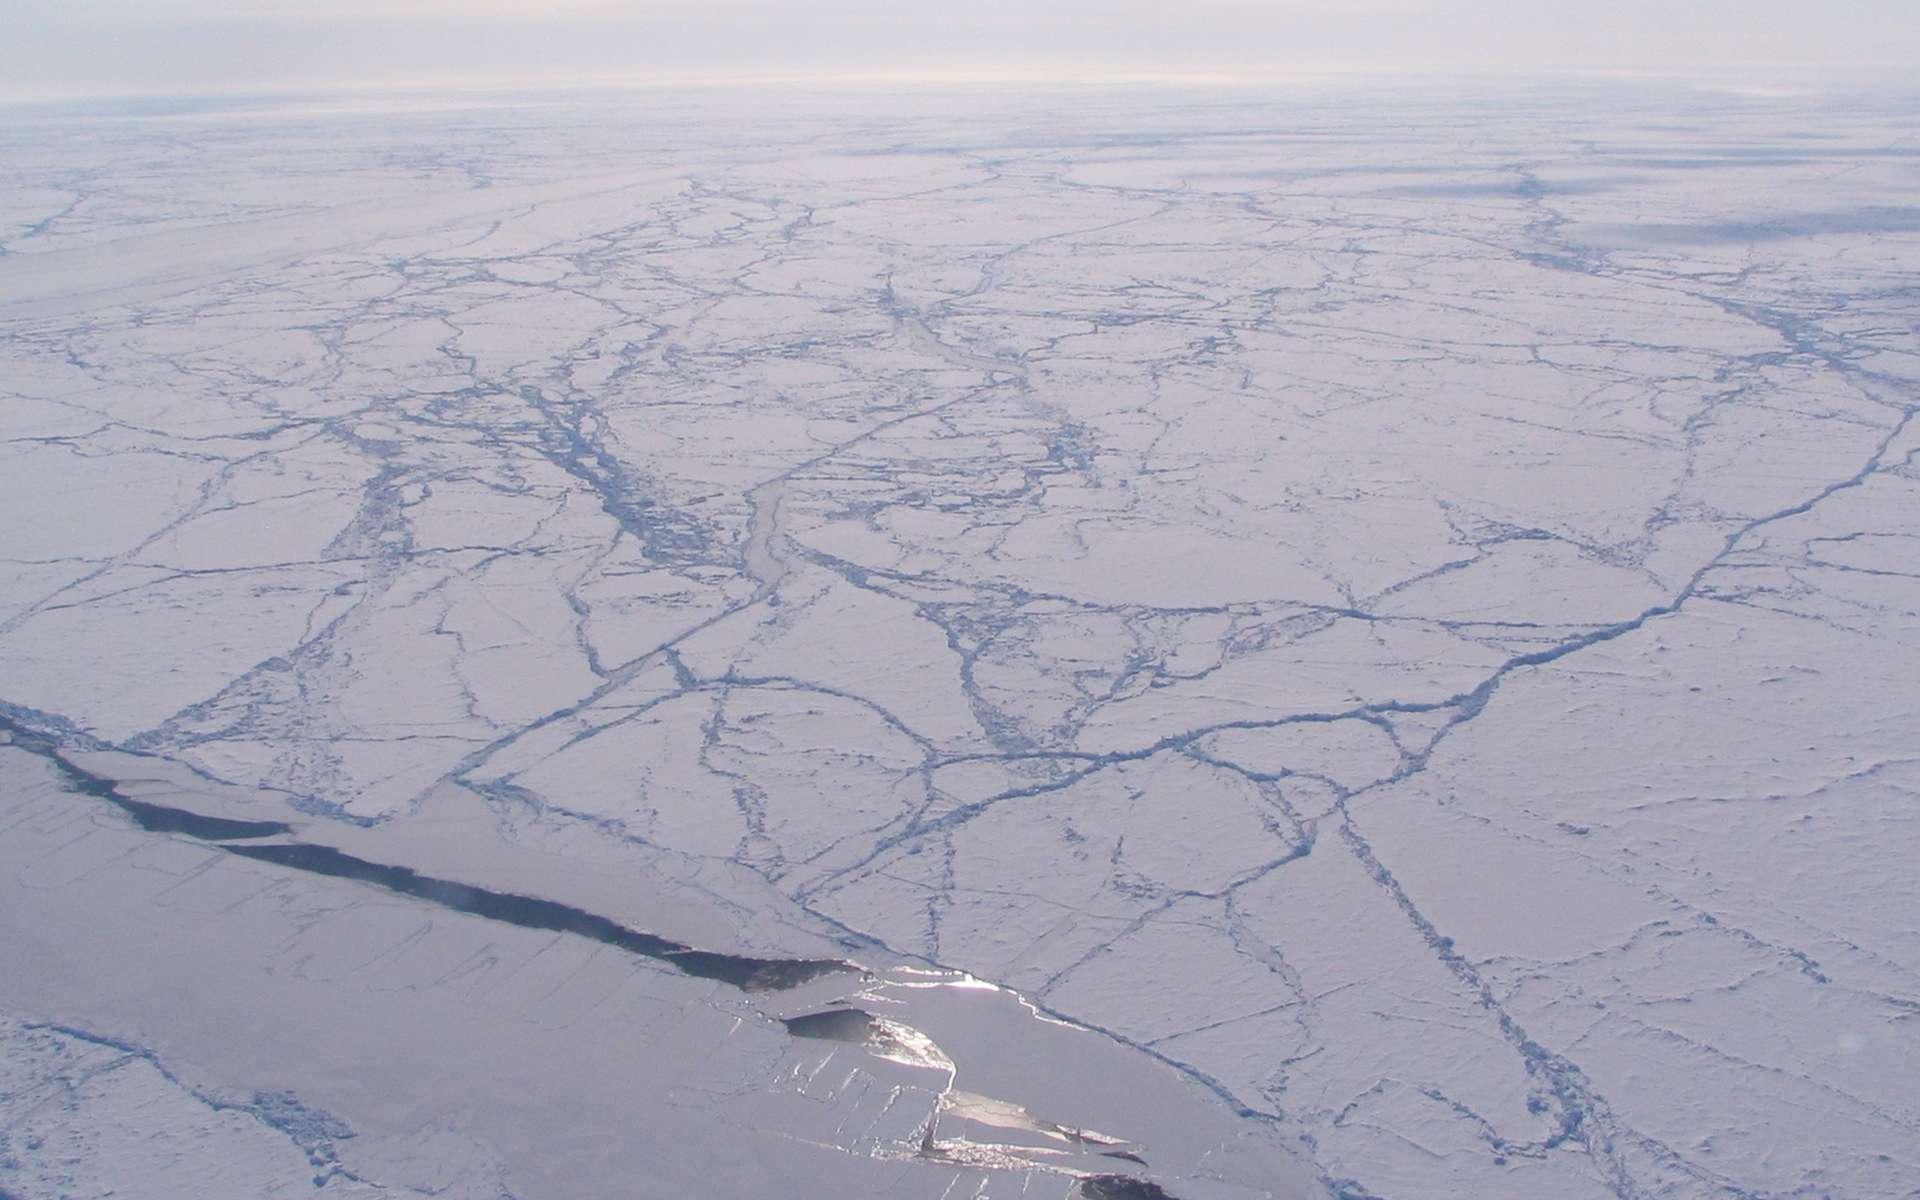 Le soleil se reflète sur la glace de mer du bassin canadien dans l'océan Arctique. Cet automne, le volume total de banquise arctique a diminué de 36 %. © Sinead Farrell, Nasa